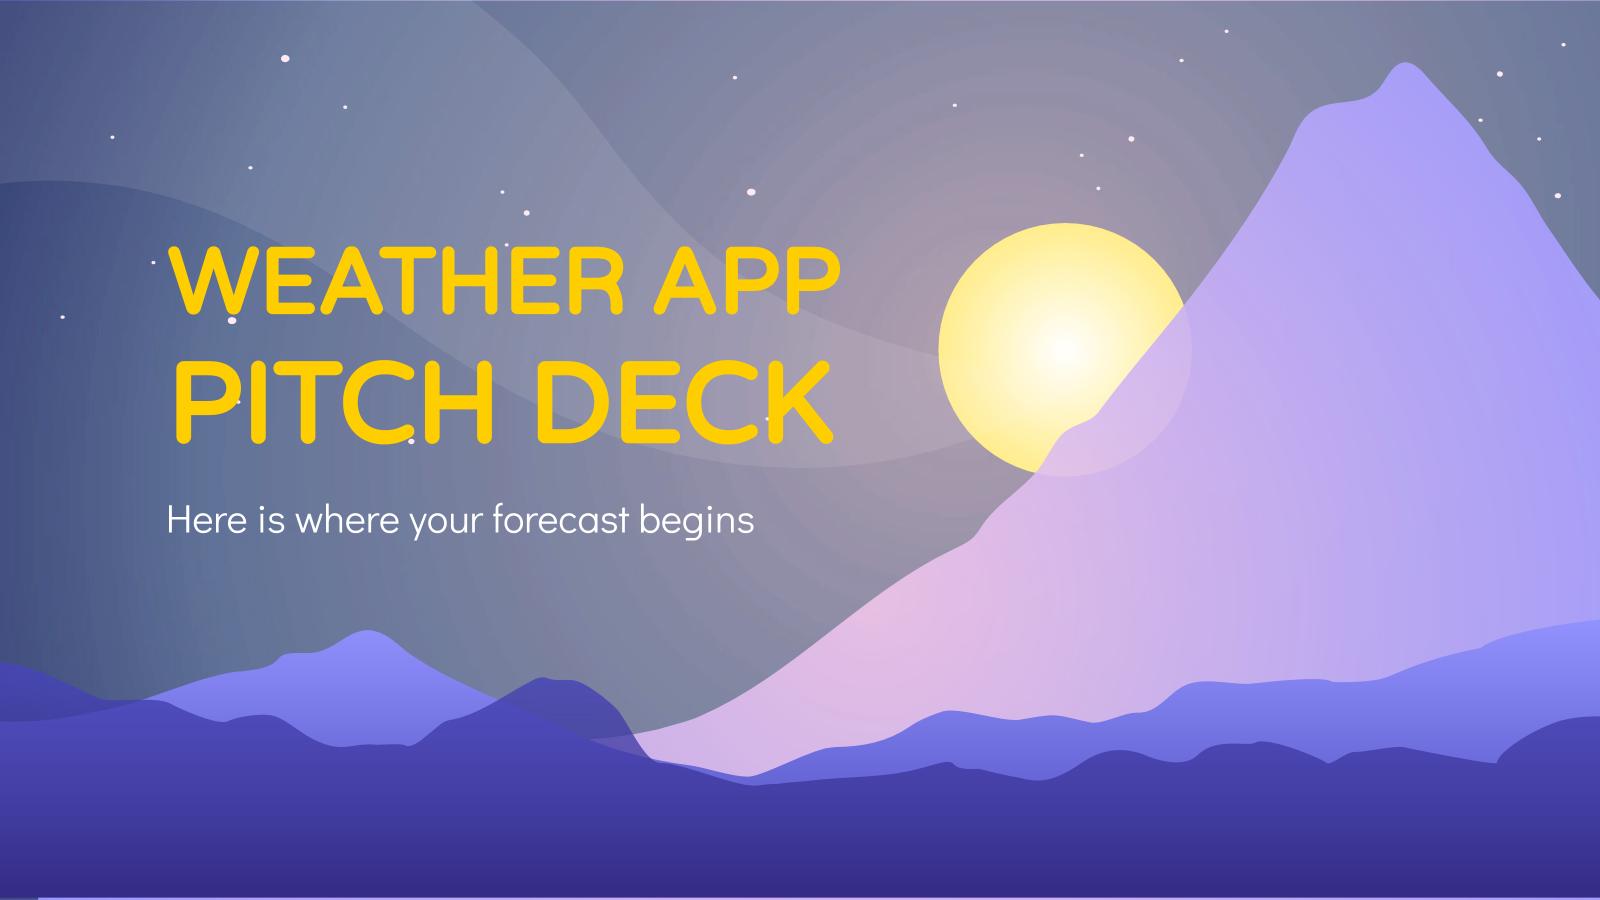 Pitch deck d'application de météo : Modèles de présentation